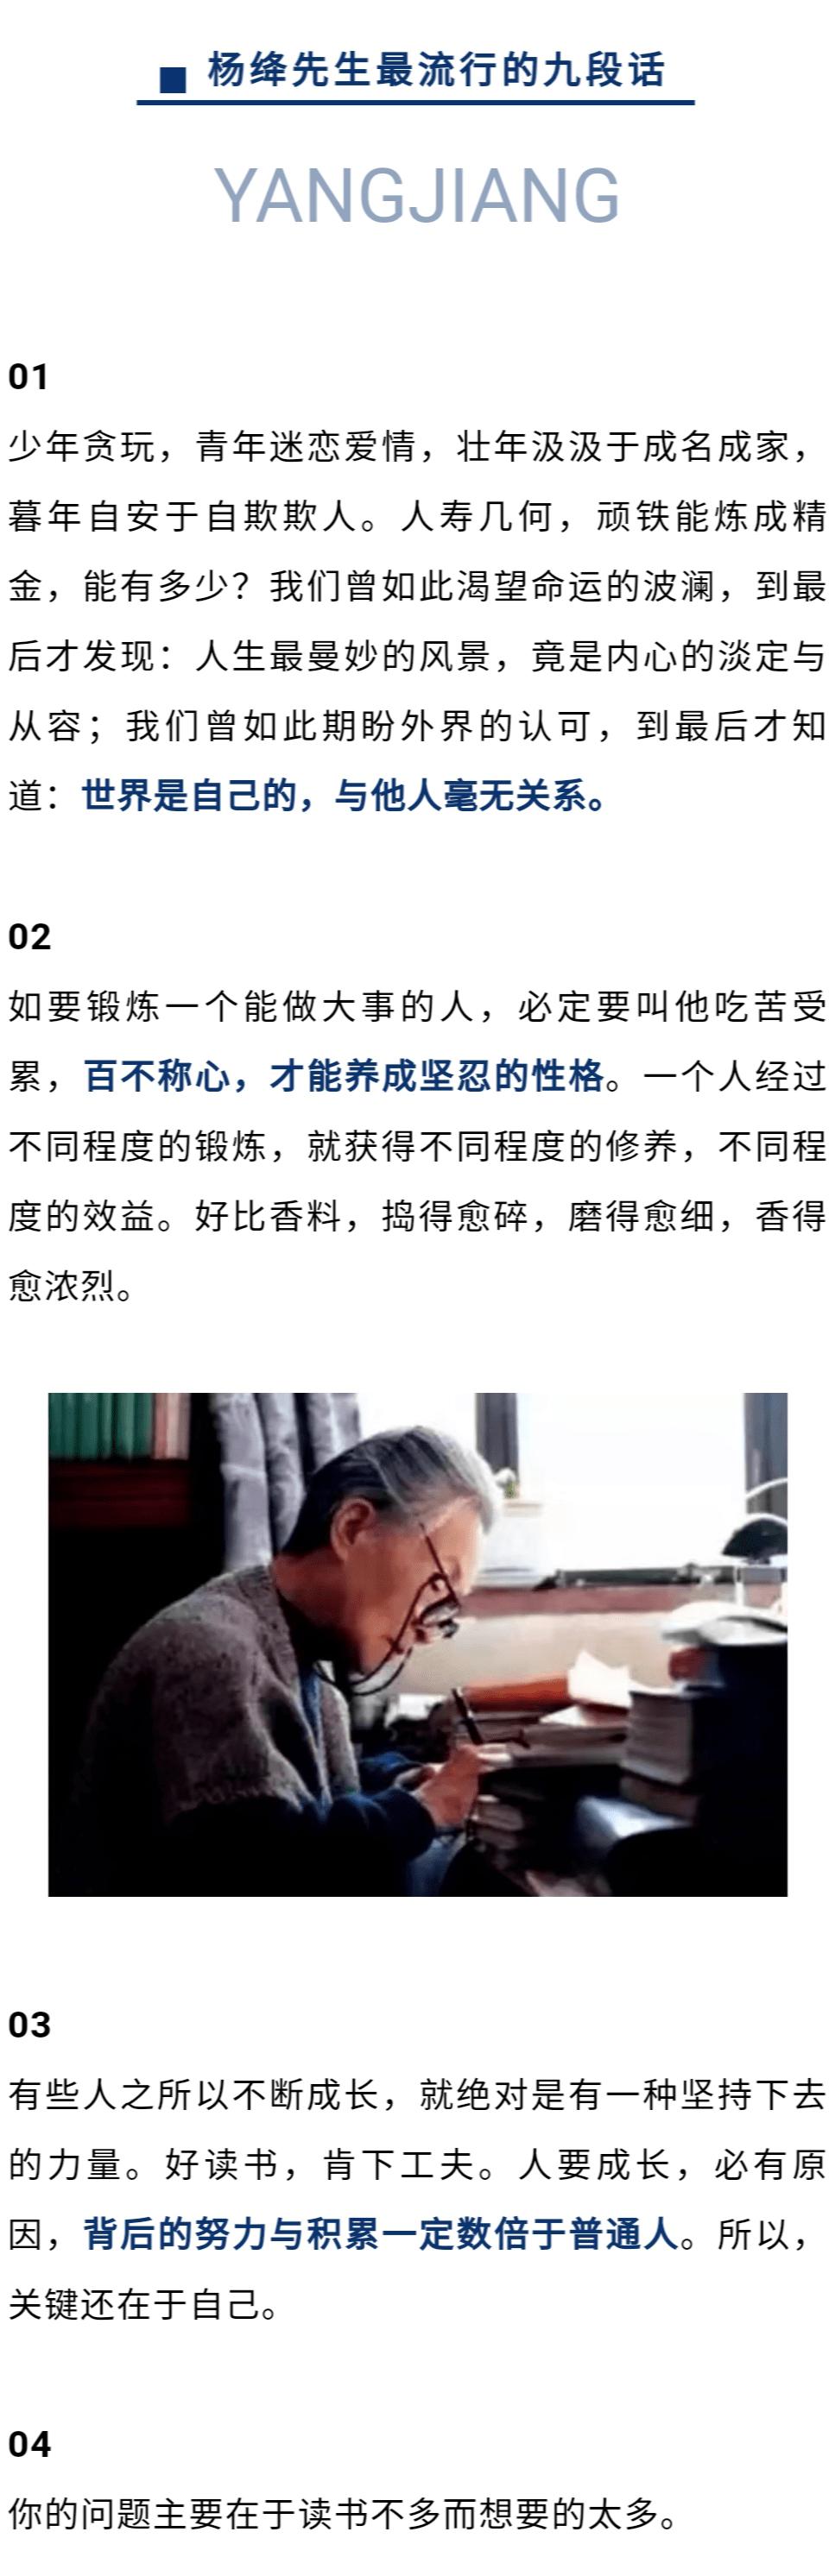 杨绛最流行的九段话,值得一读!